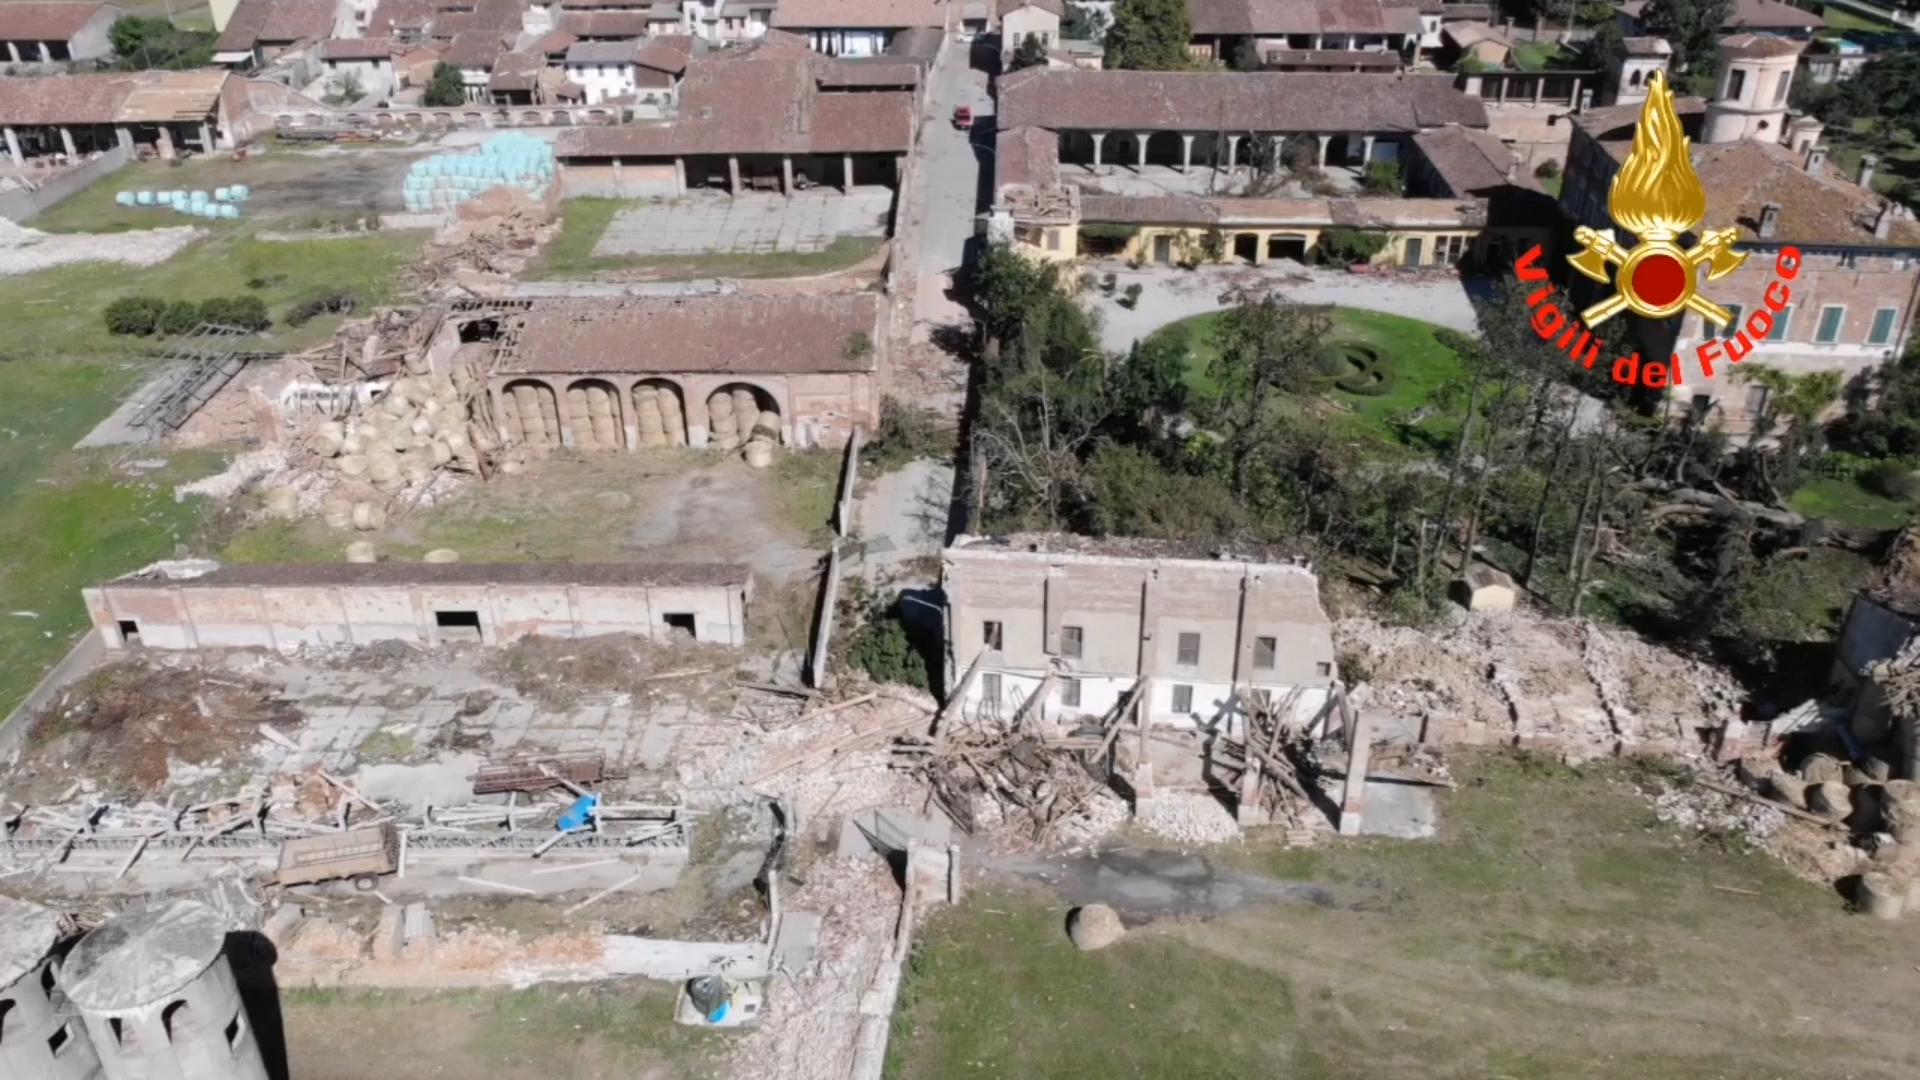 Tromba d'aria, a Bettegno è l'ora della conta dei danni